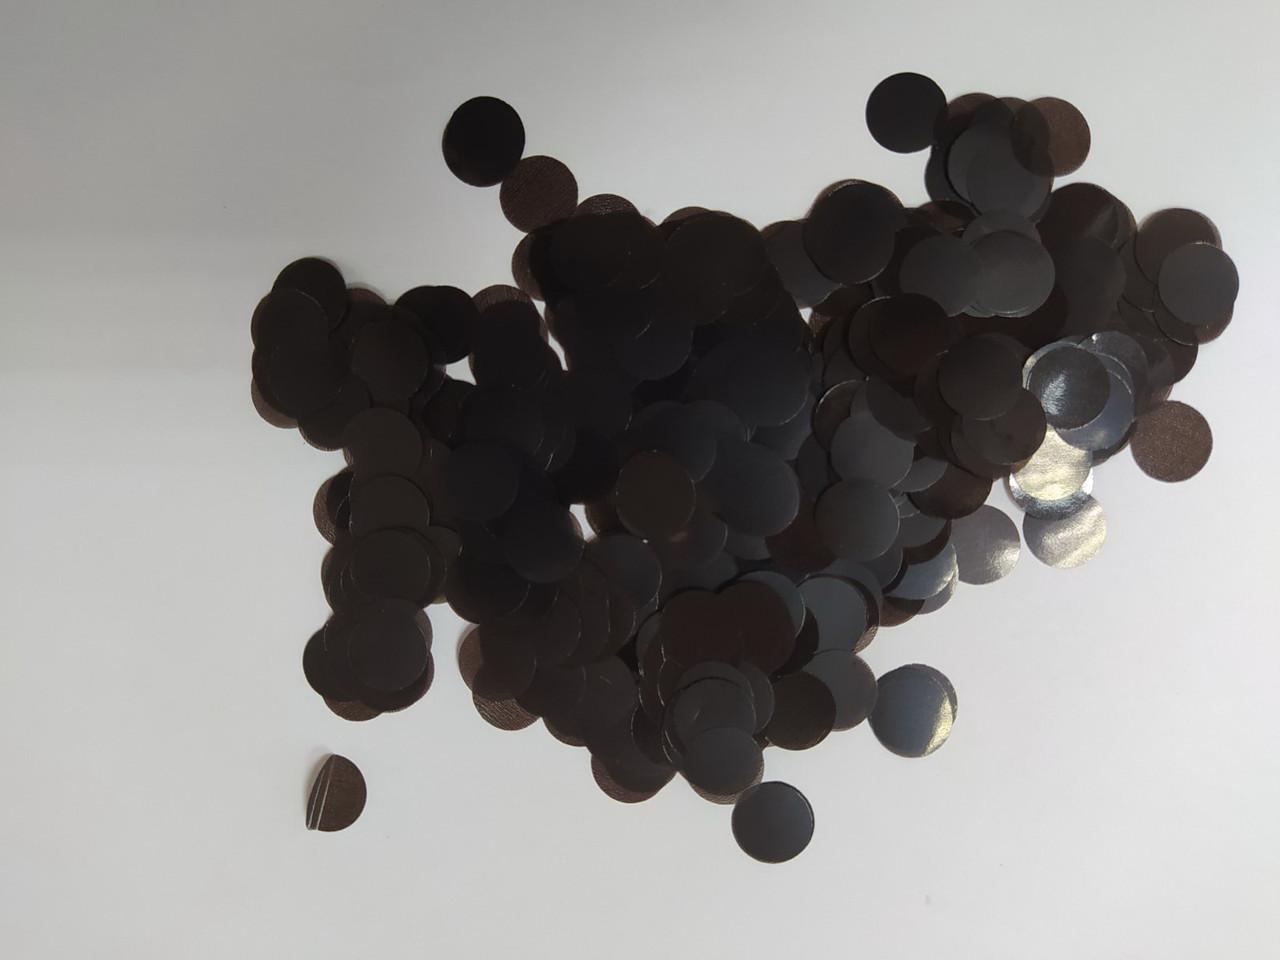 Аксесуари для свята конфеті кружечки чорний 12 мм х 12 мм 100 грам